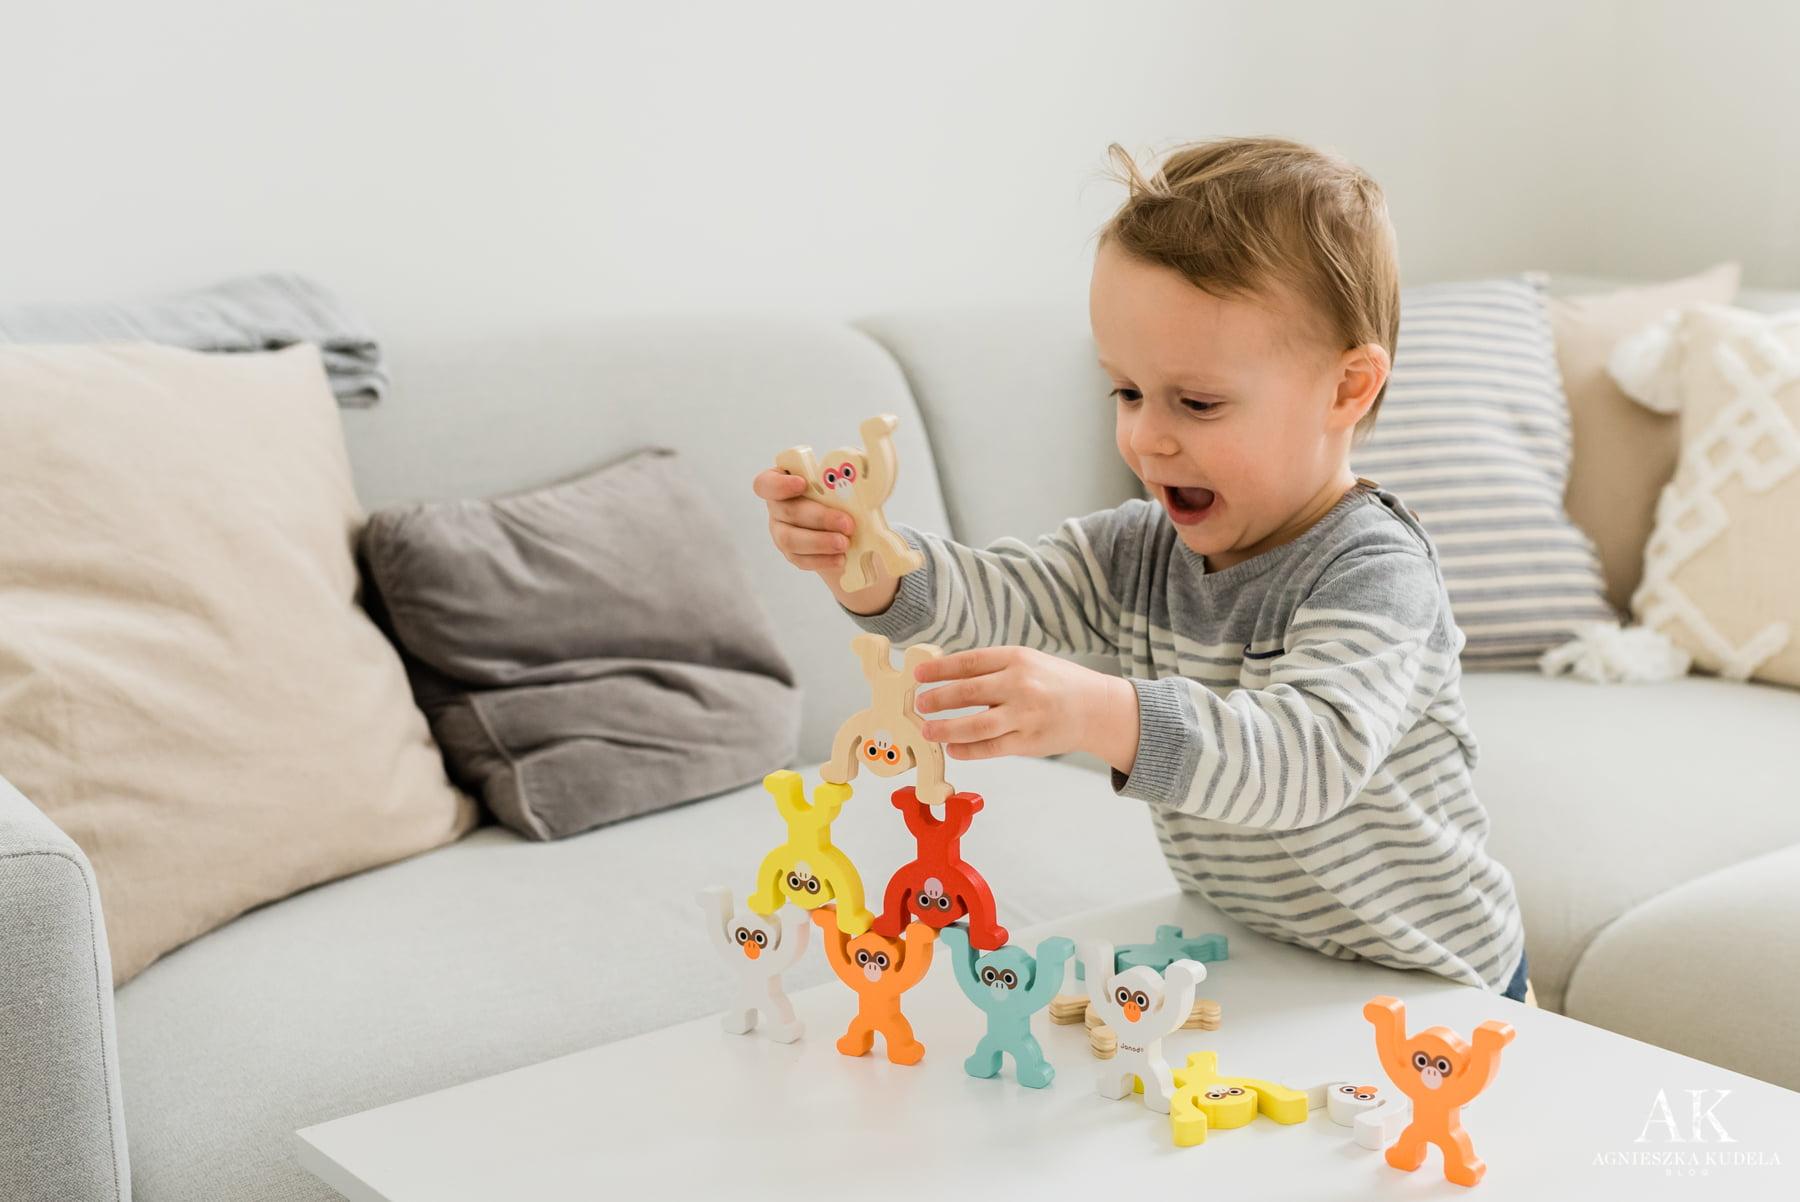 pomysłowe zabawki dla trzylatka